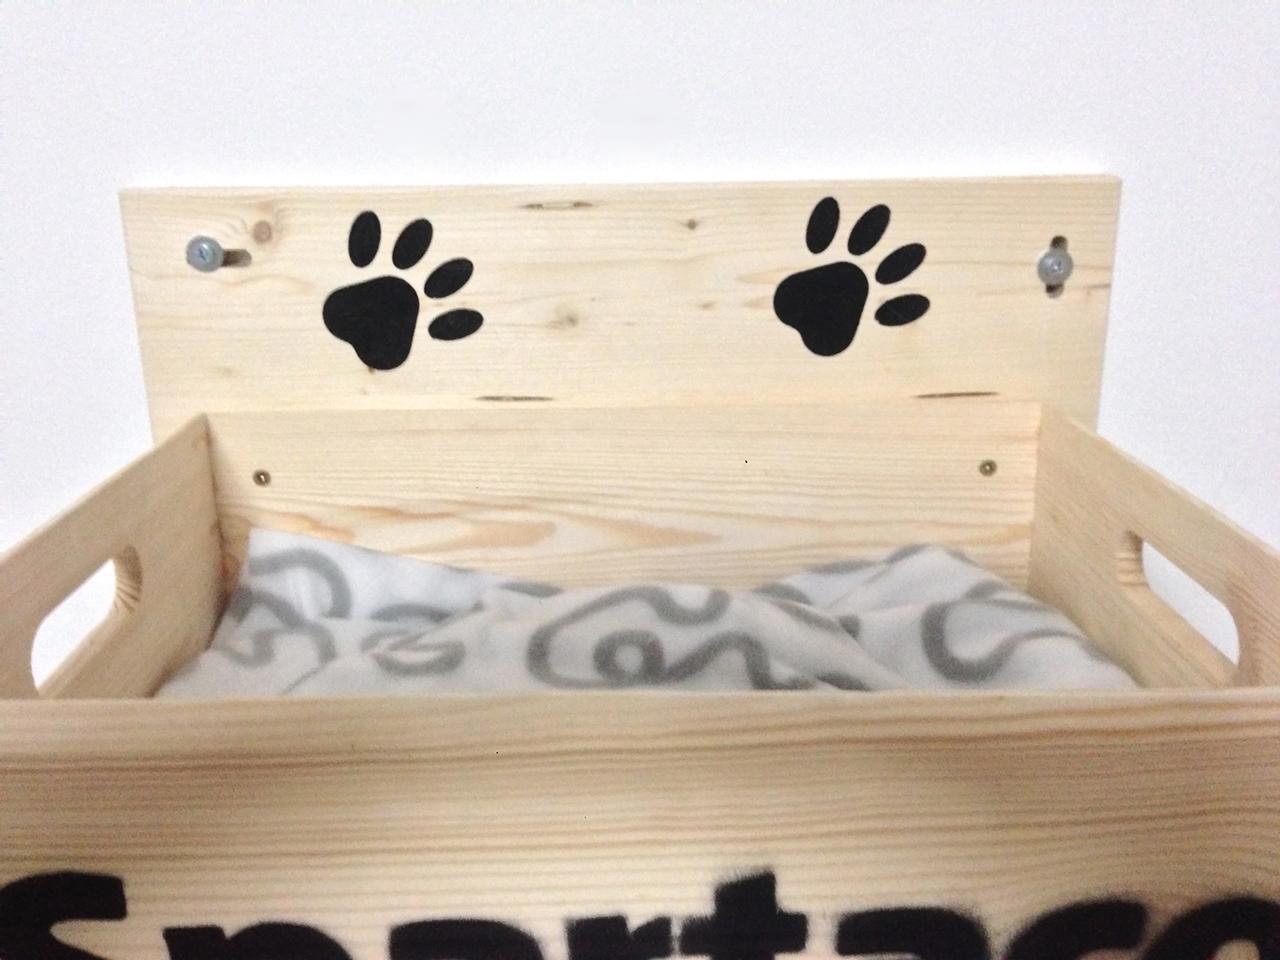 Cuccia per gatti artigianale in legno